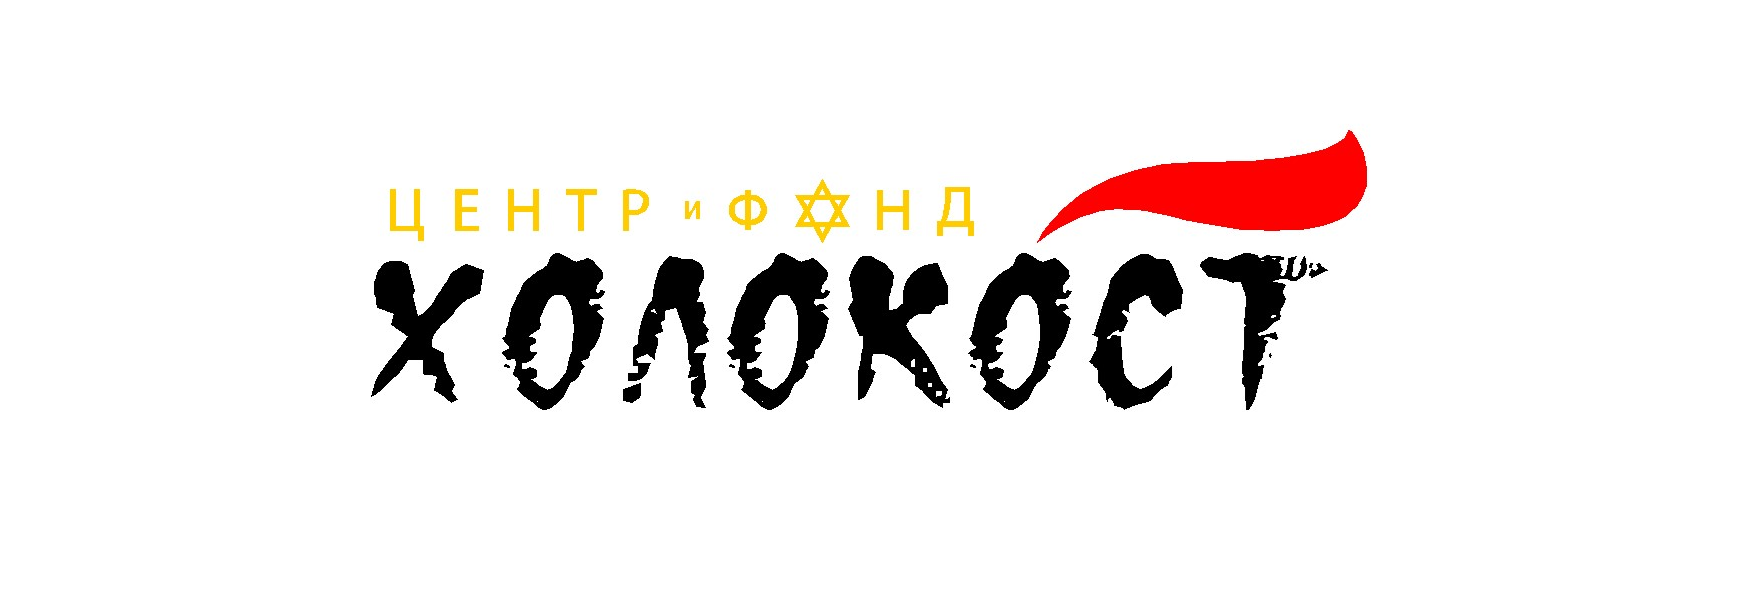 XIV Международная конференция студентов и молодых учёных «Холокост — память и предупреждение»